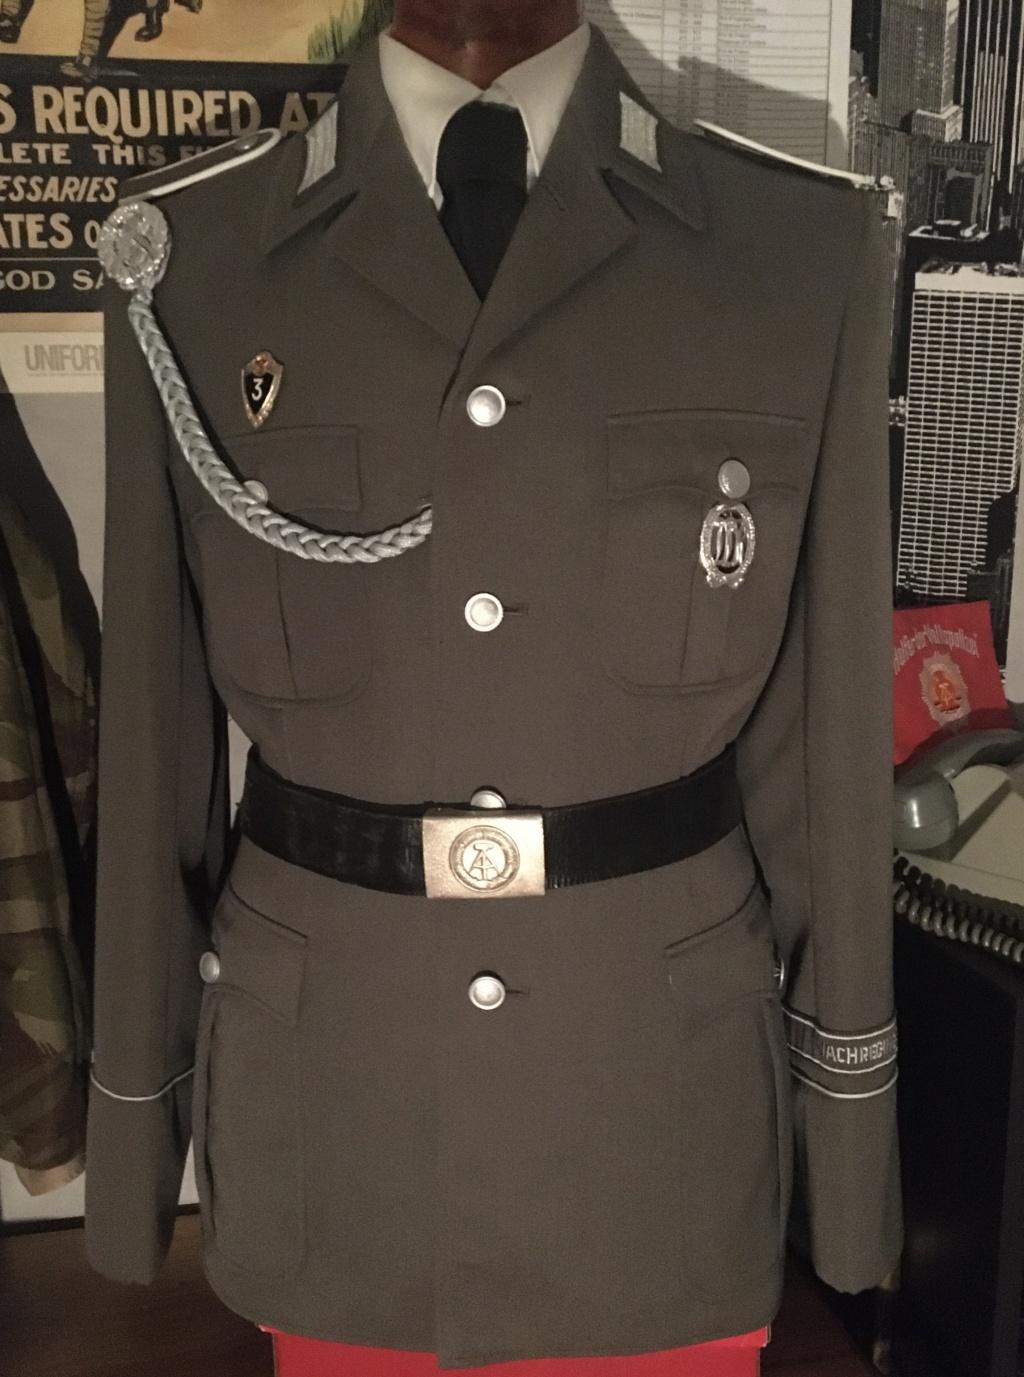 Questions insignes/médailles allemandes NVA et place sur l'uniforme  C9b50d10